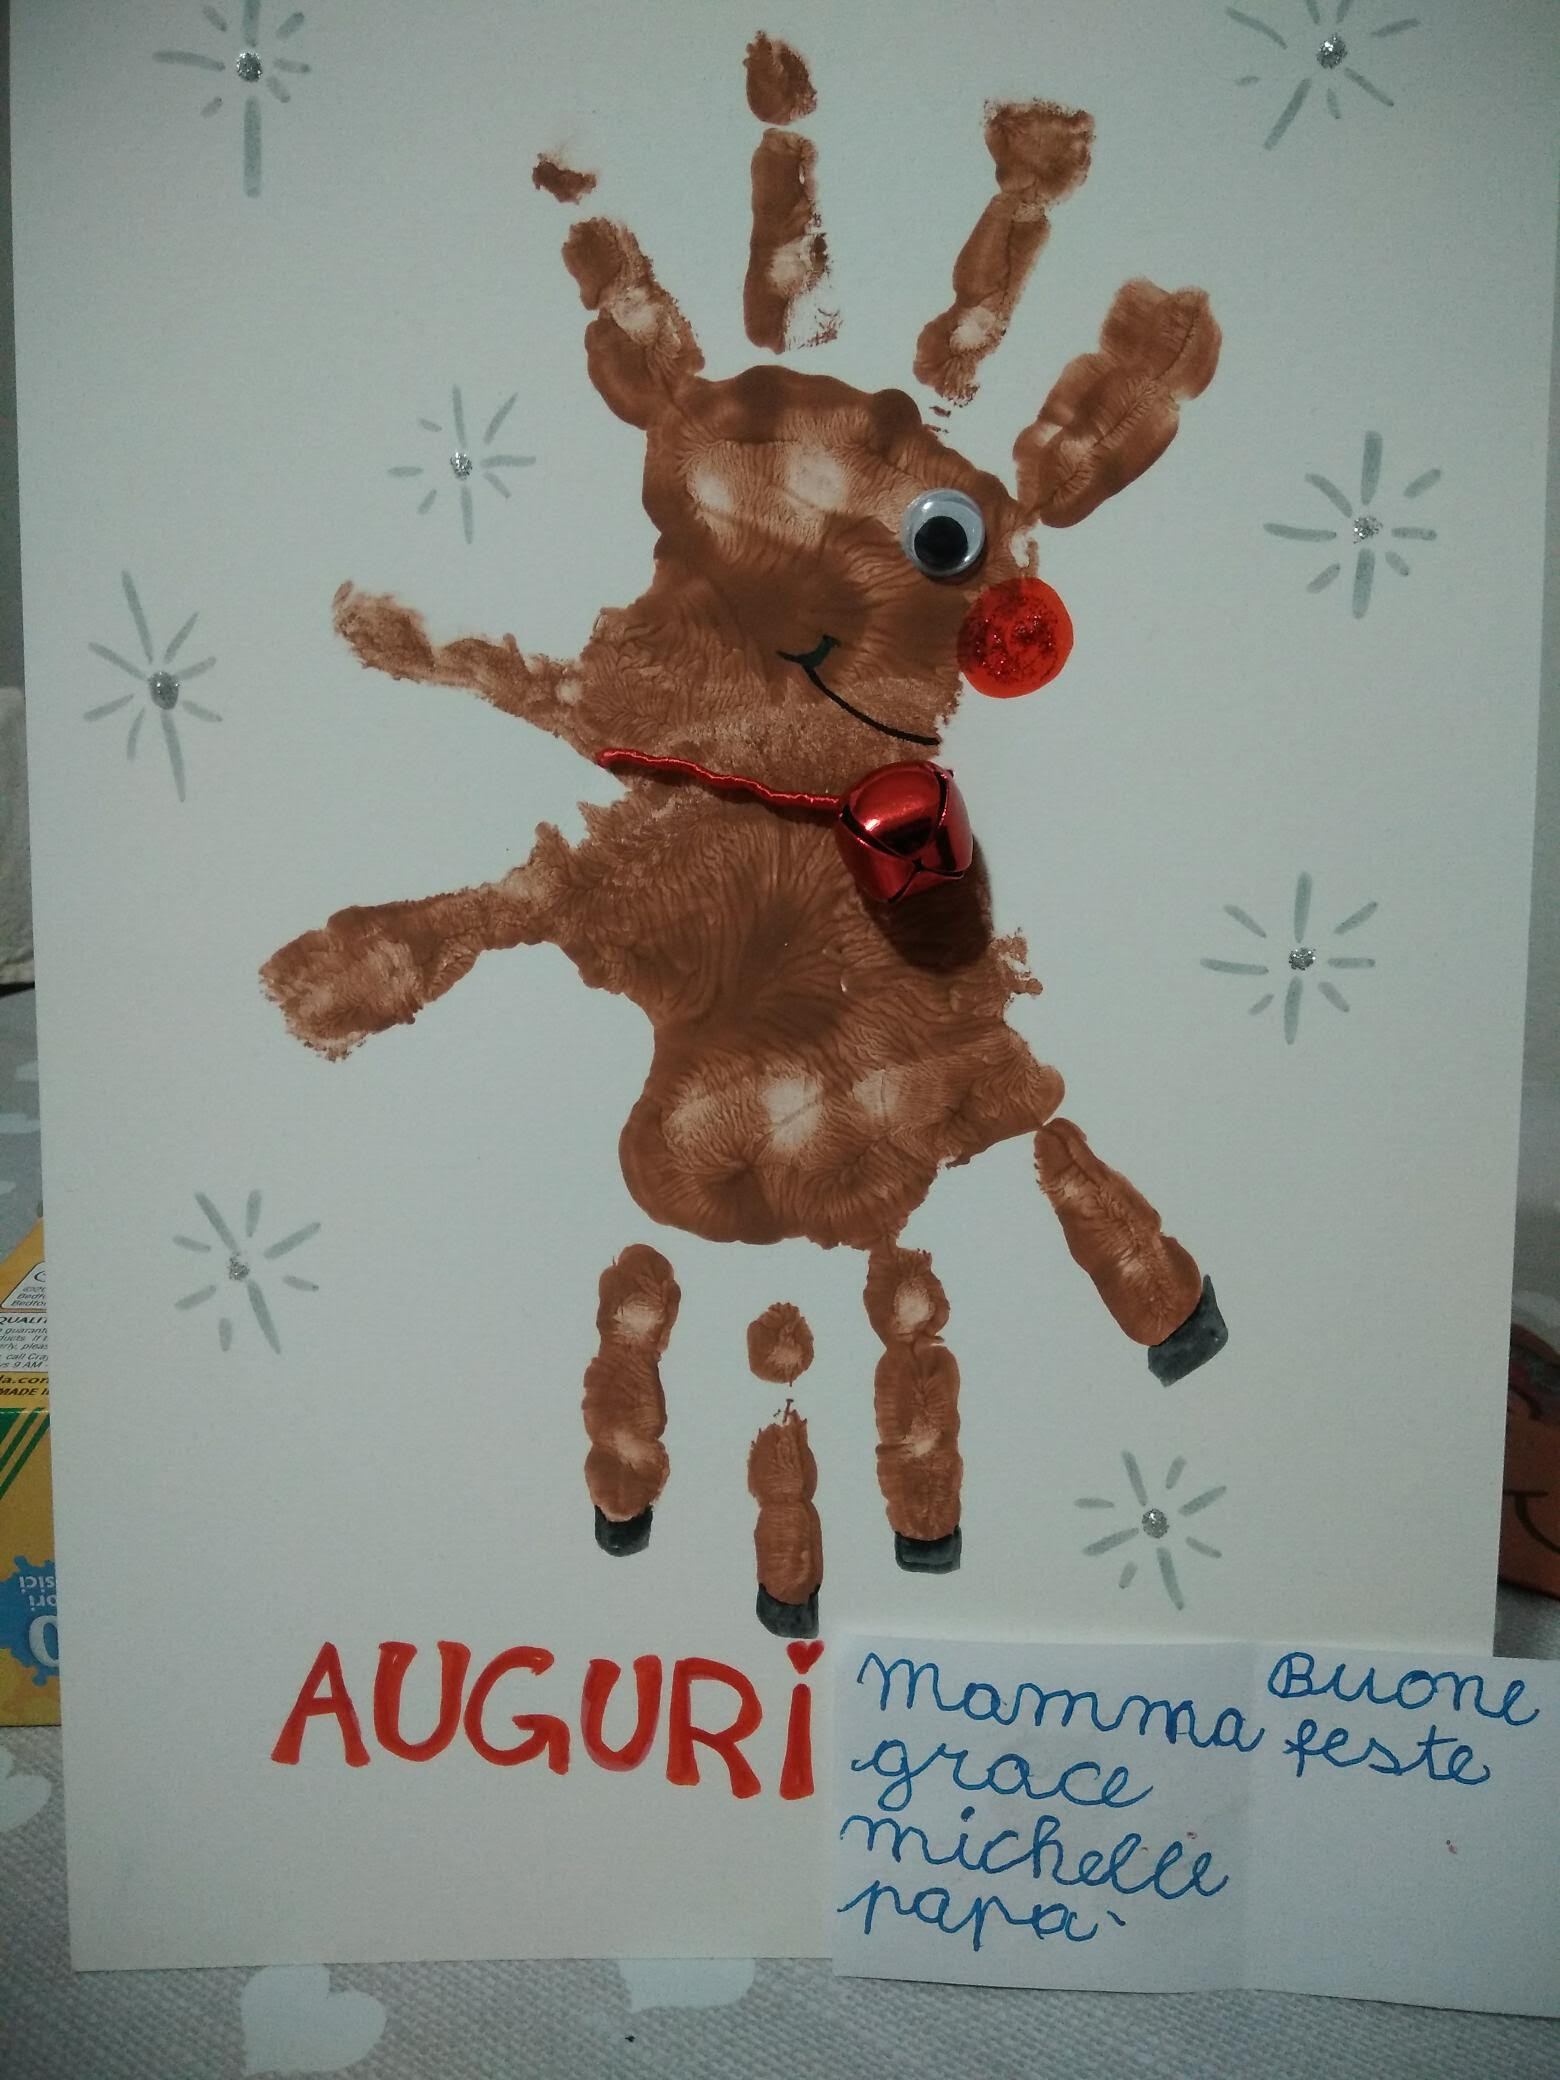 Buon Natale Que Significa.Caricaidee Buon Natale